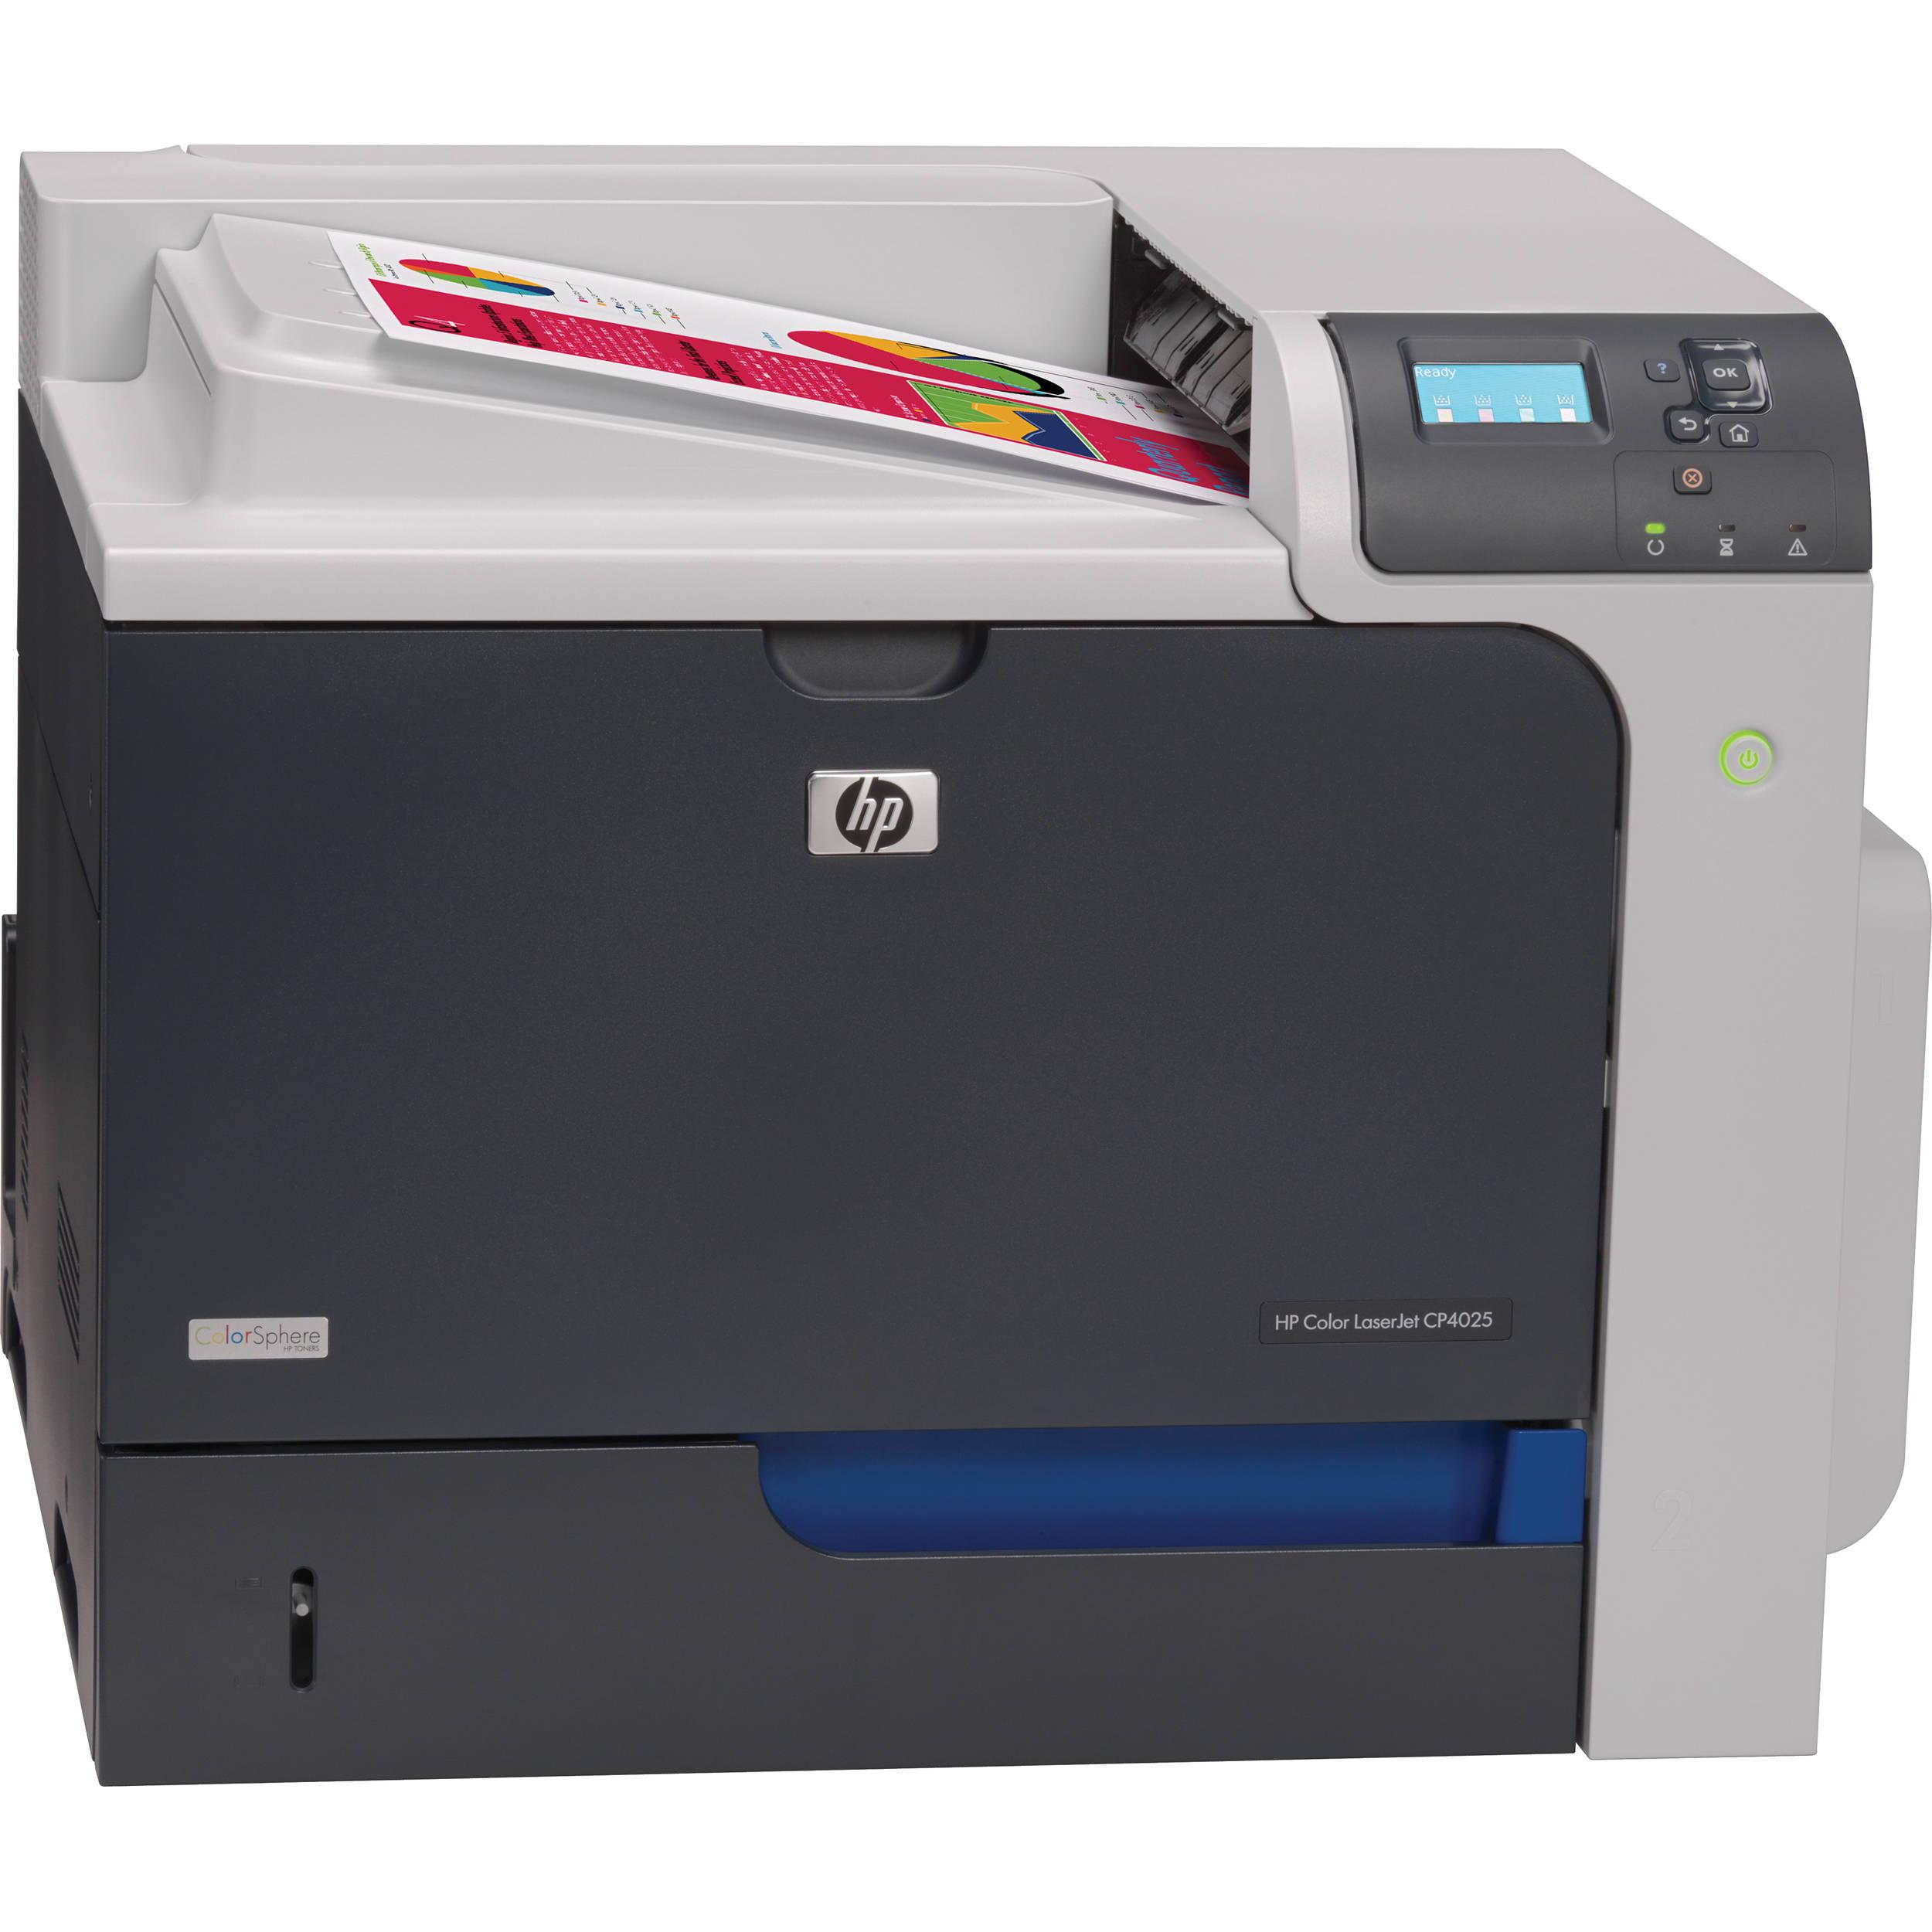 HP Color LaserJet Enterprise CP4025dn /A4, 35ppm